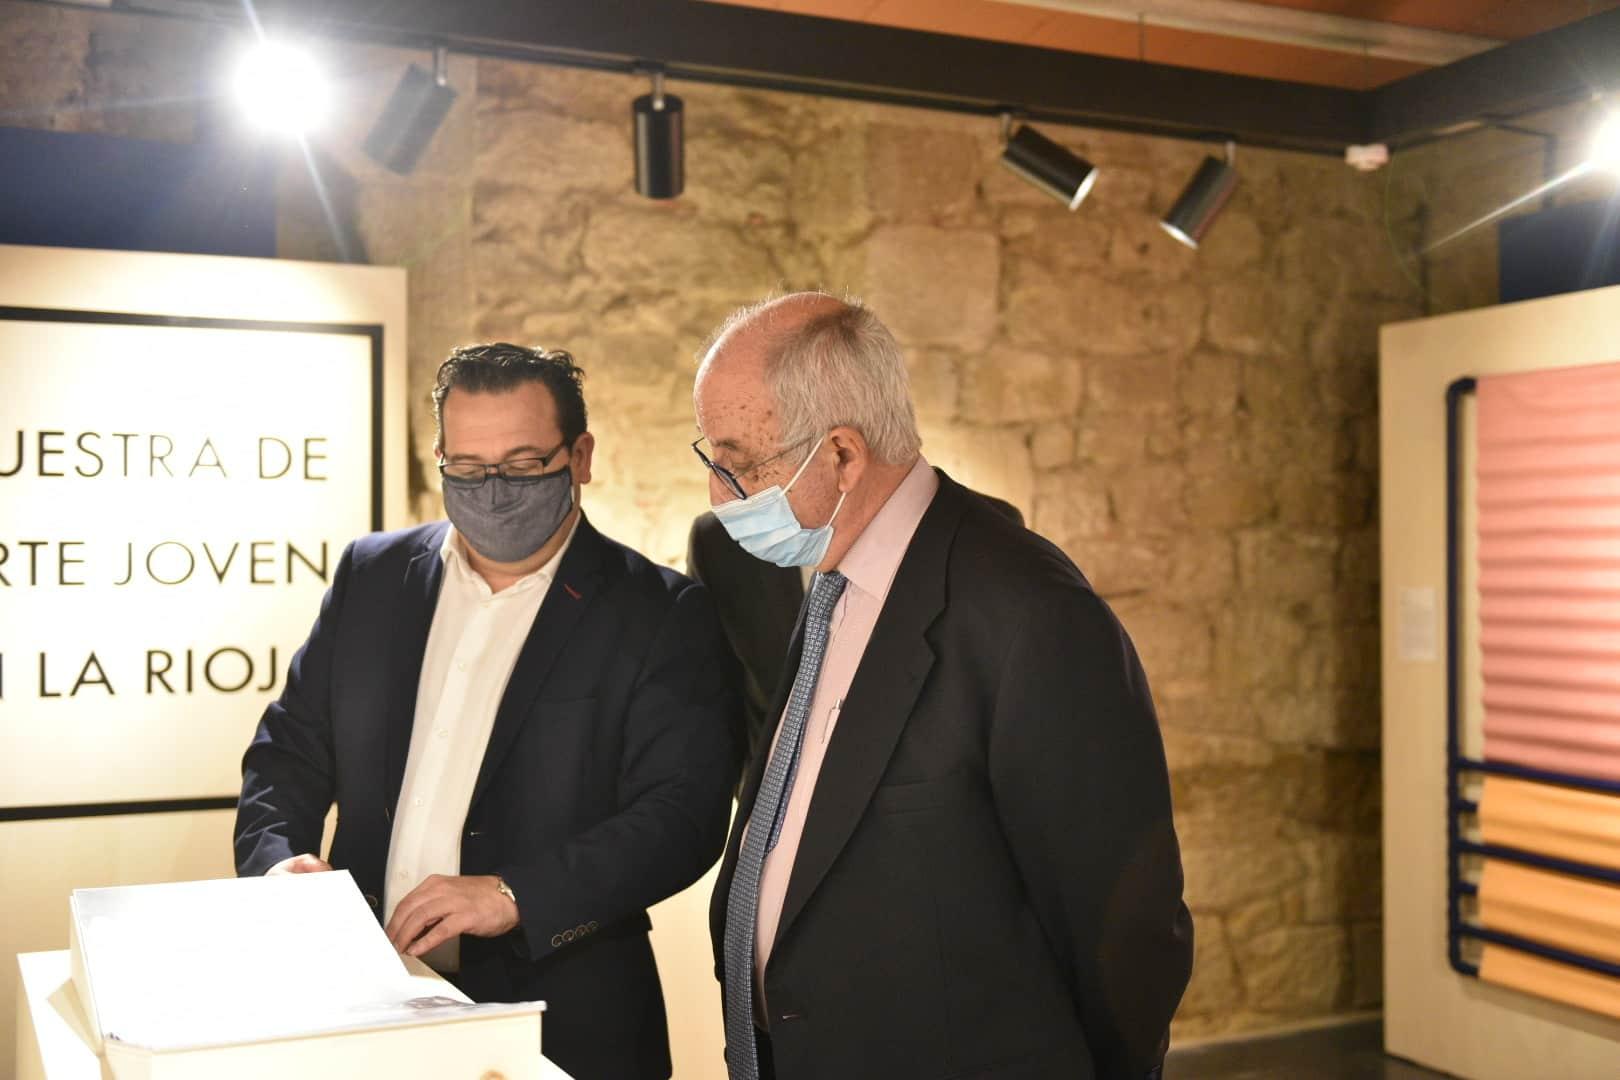 Inaugurada en Briones la exposición de la XXXV Muestra Itinerante de Arte Joven de La Rioja 1